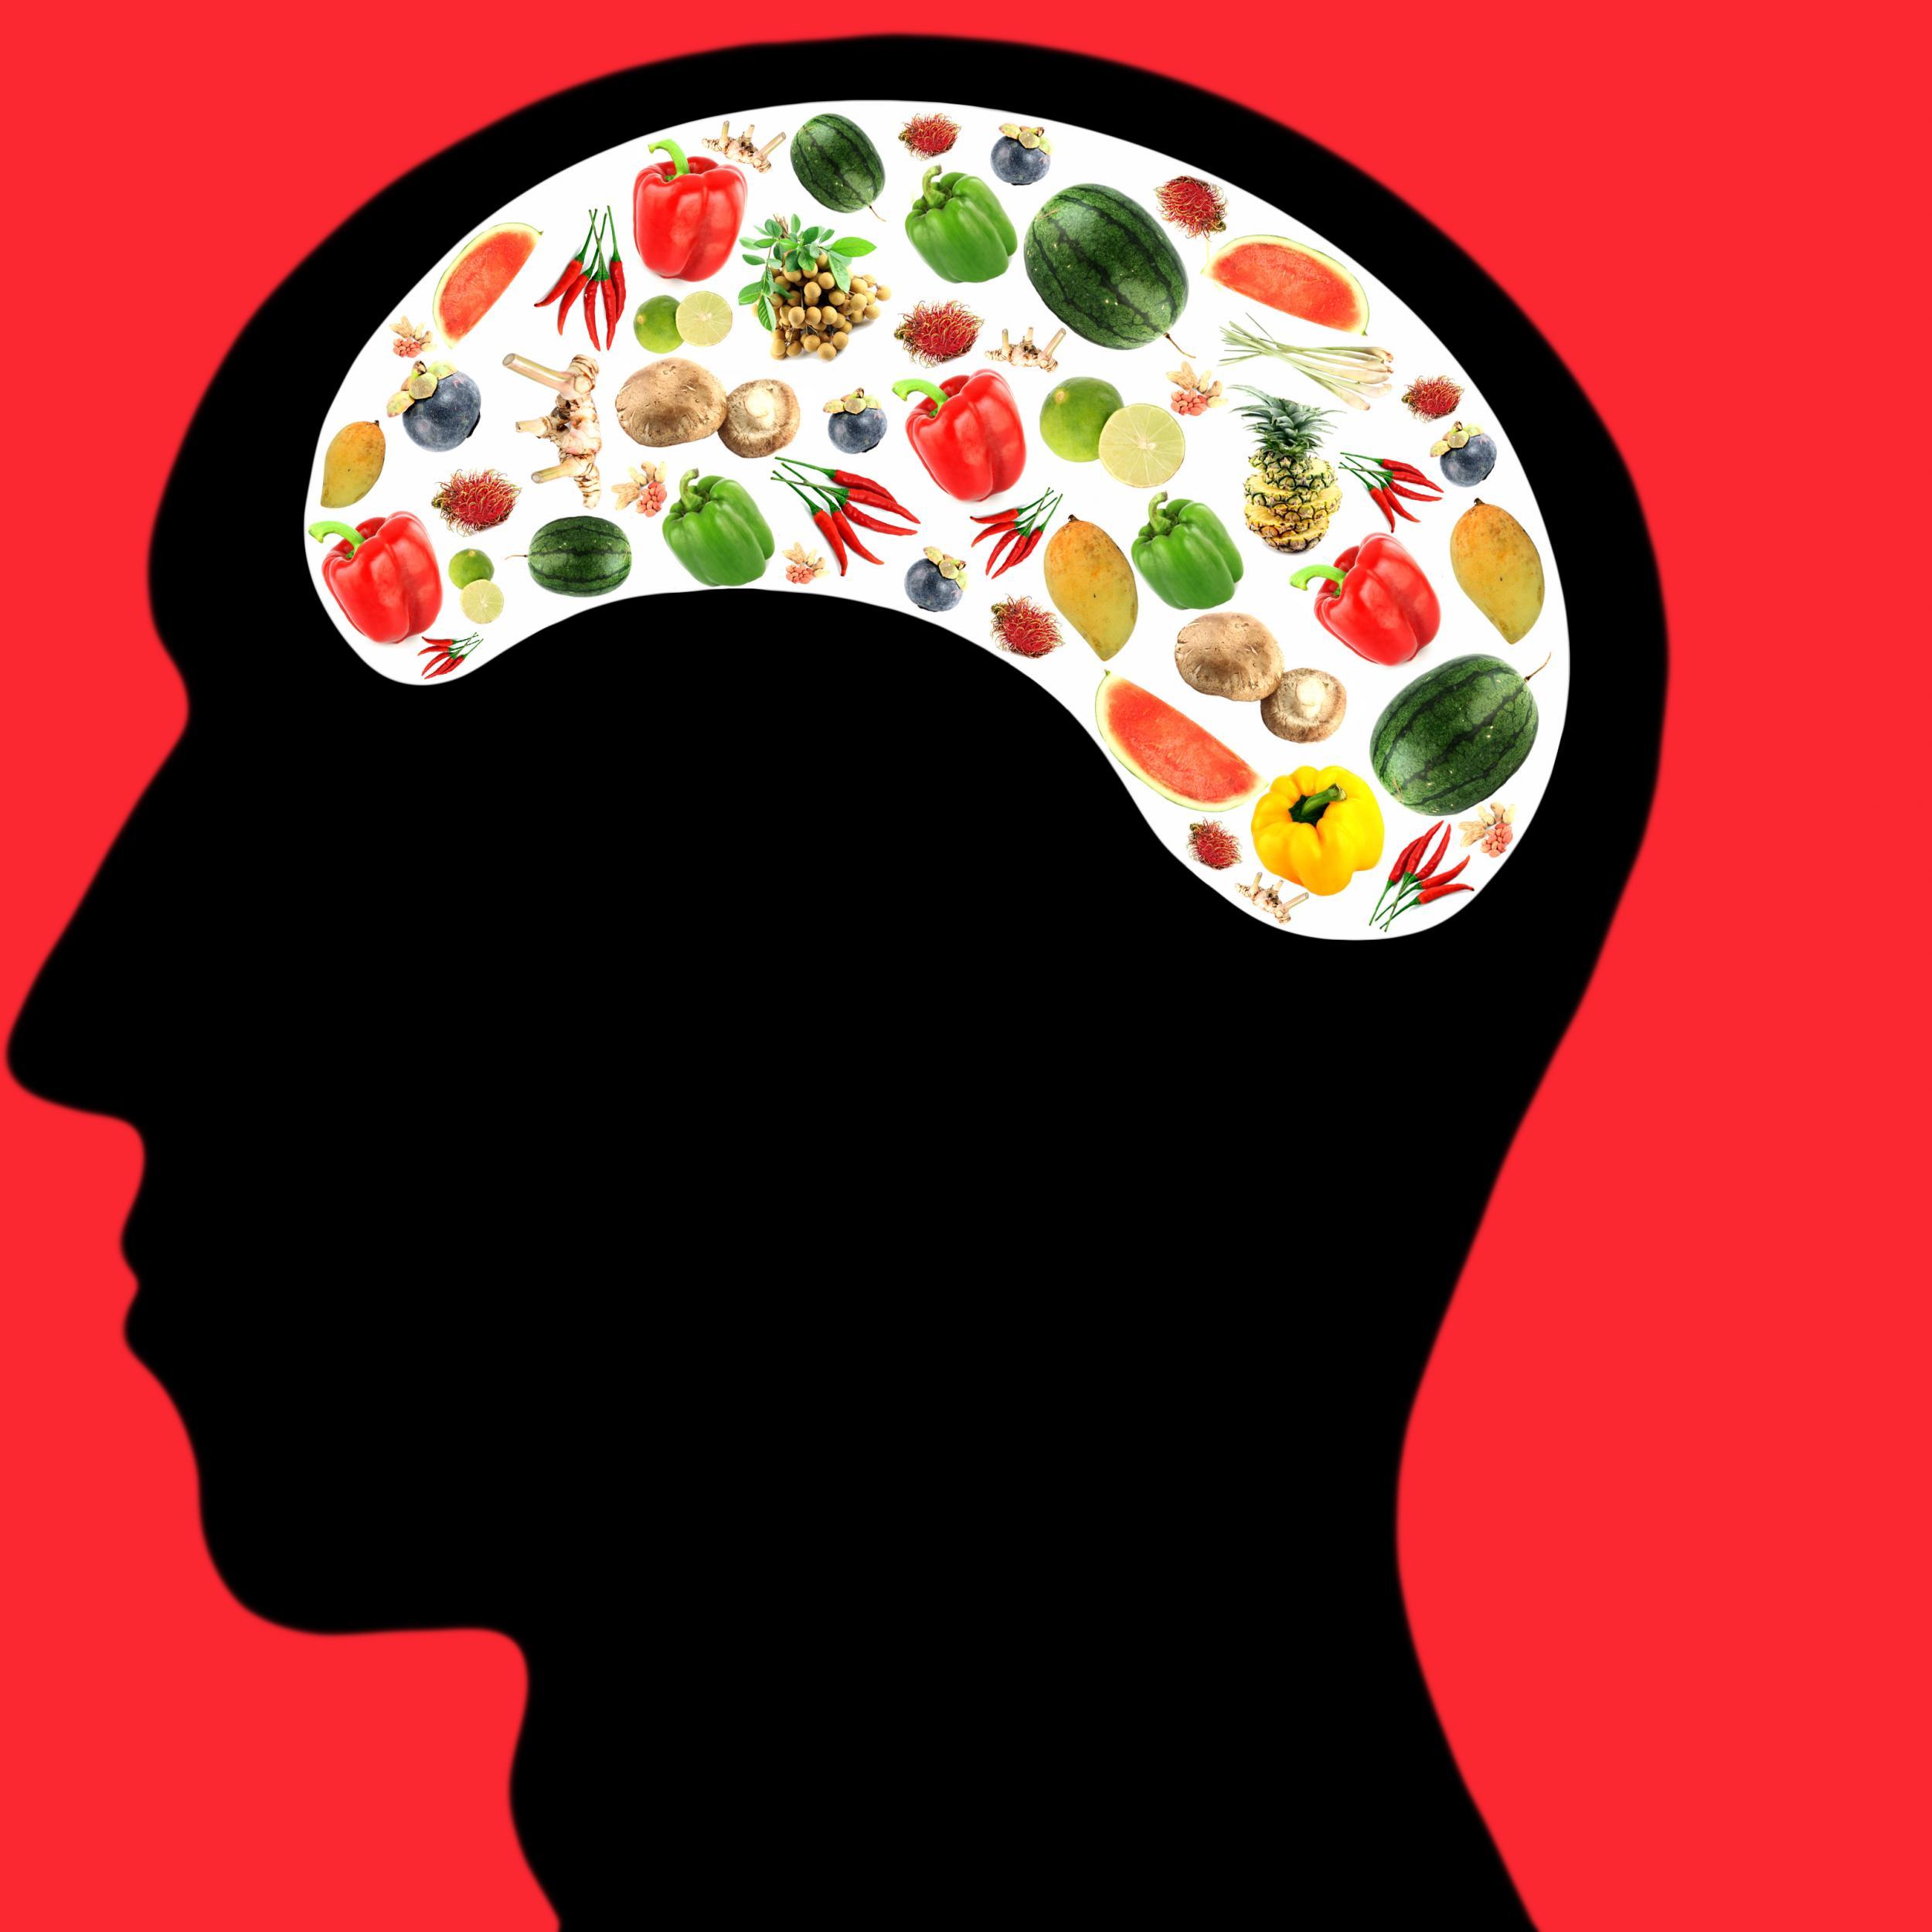 Thực phẩm nào tốt cho não giúp cải thiện trí nhớ và độ minh mẫn?